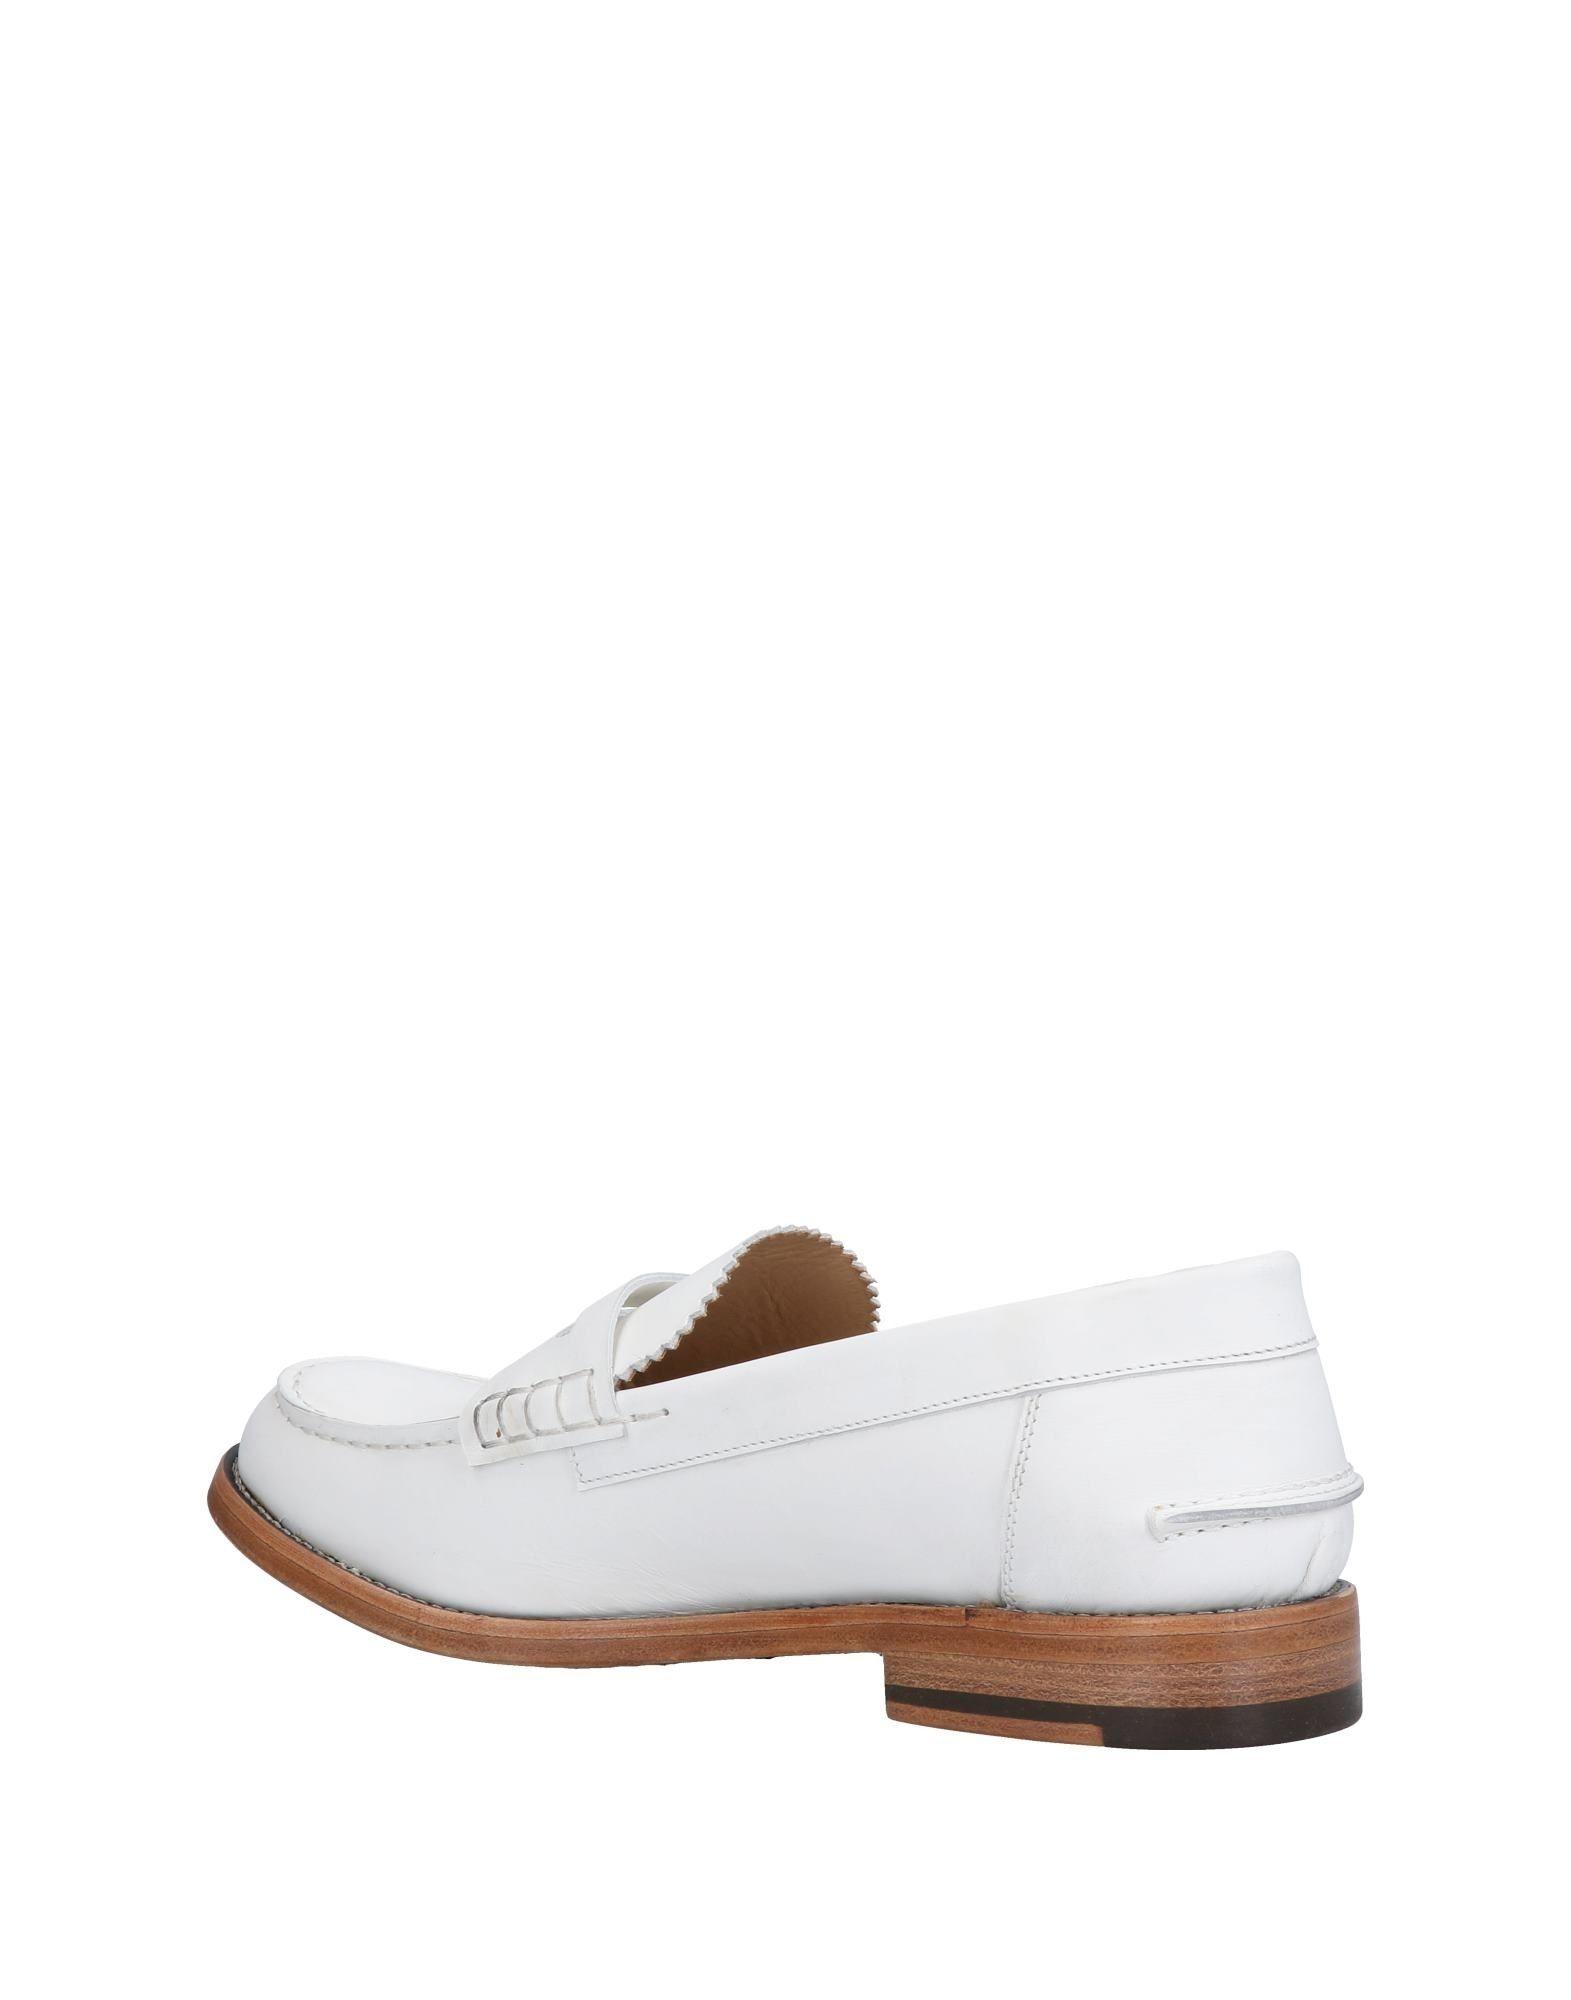 Gut um Mokassins billige Schuhe zu tragenI.N.K. Shoes Mokassins um Damen  11481530BL 785b0d